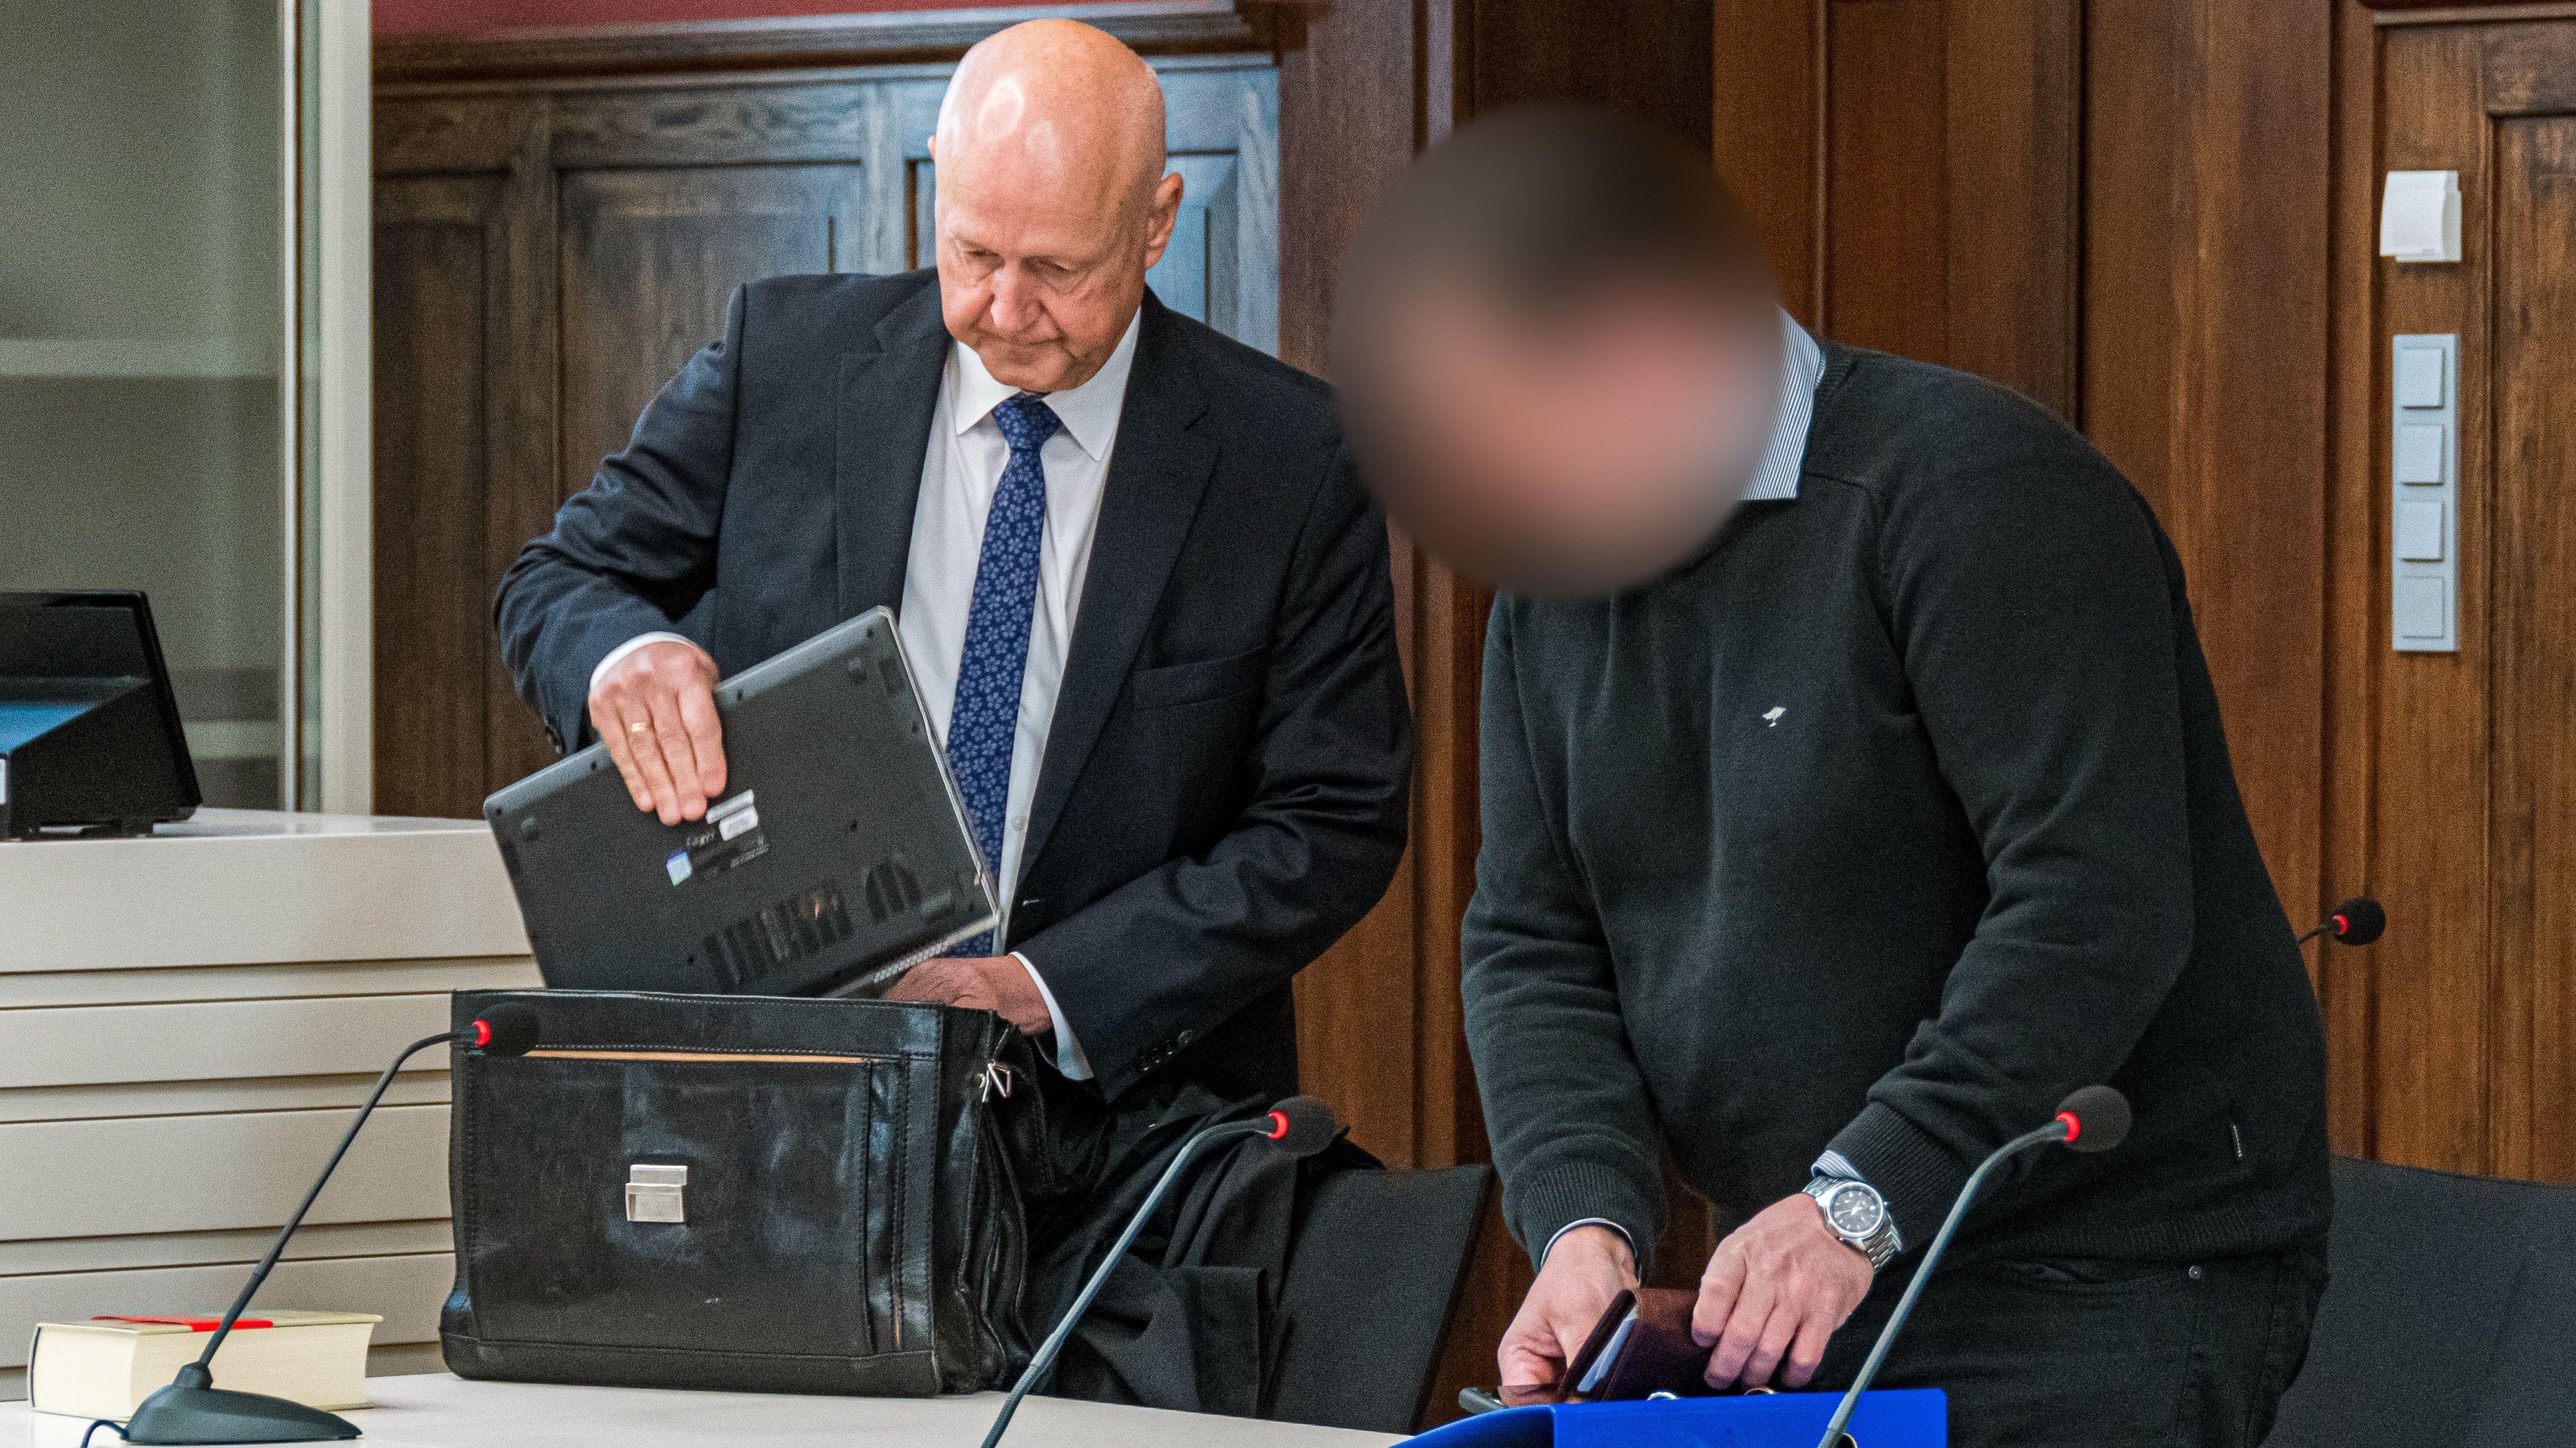 Der angeklagte Jäger beim Prozessauftakt mit seinem Anwalt